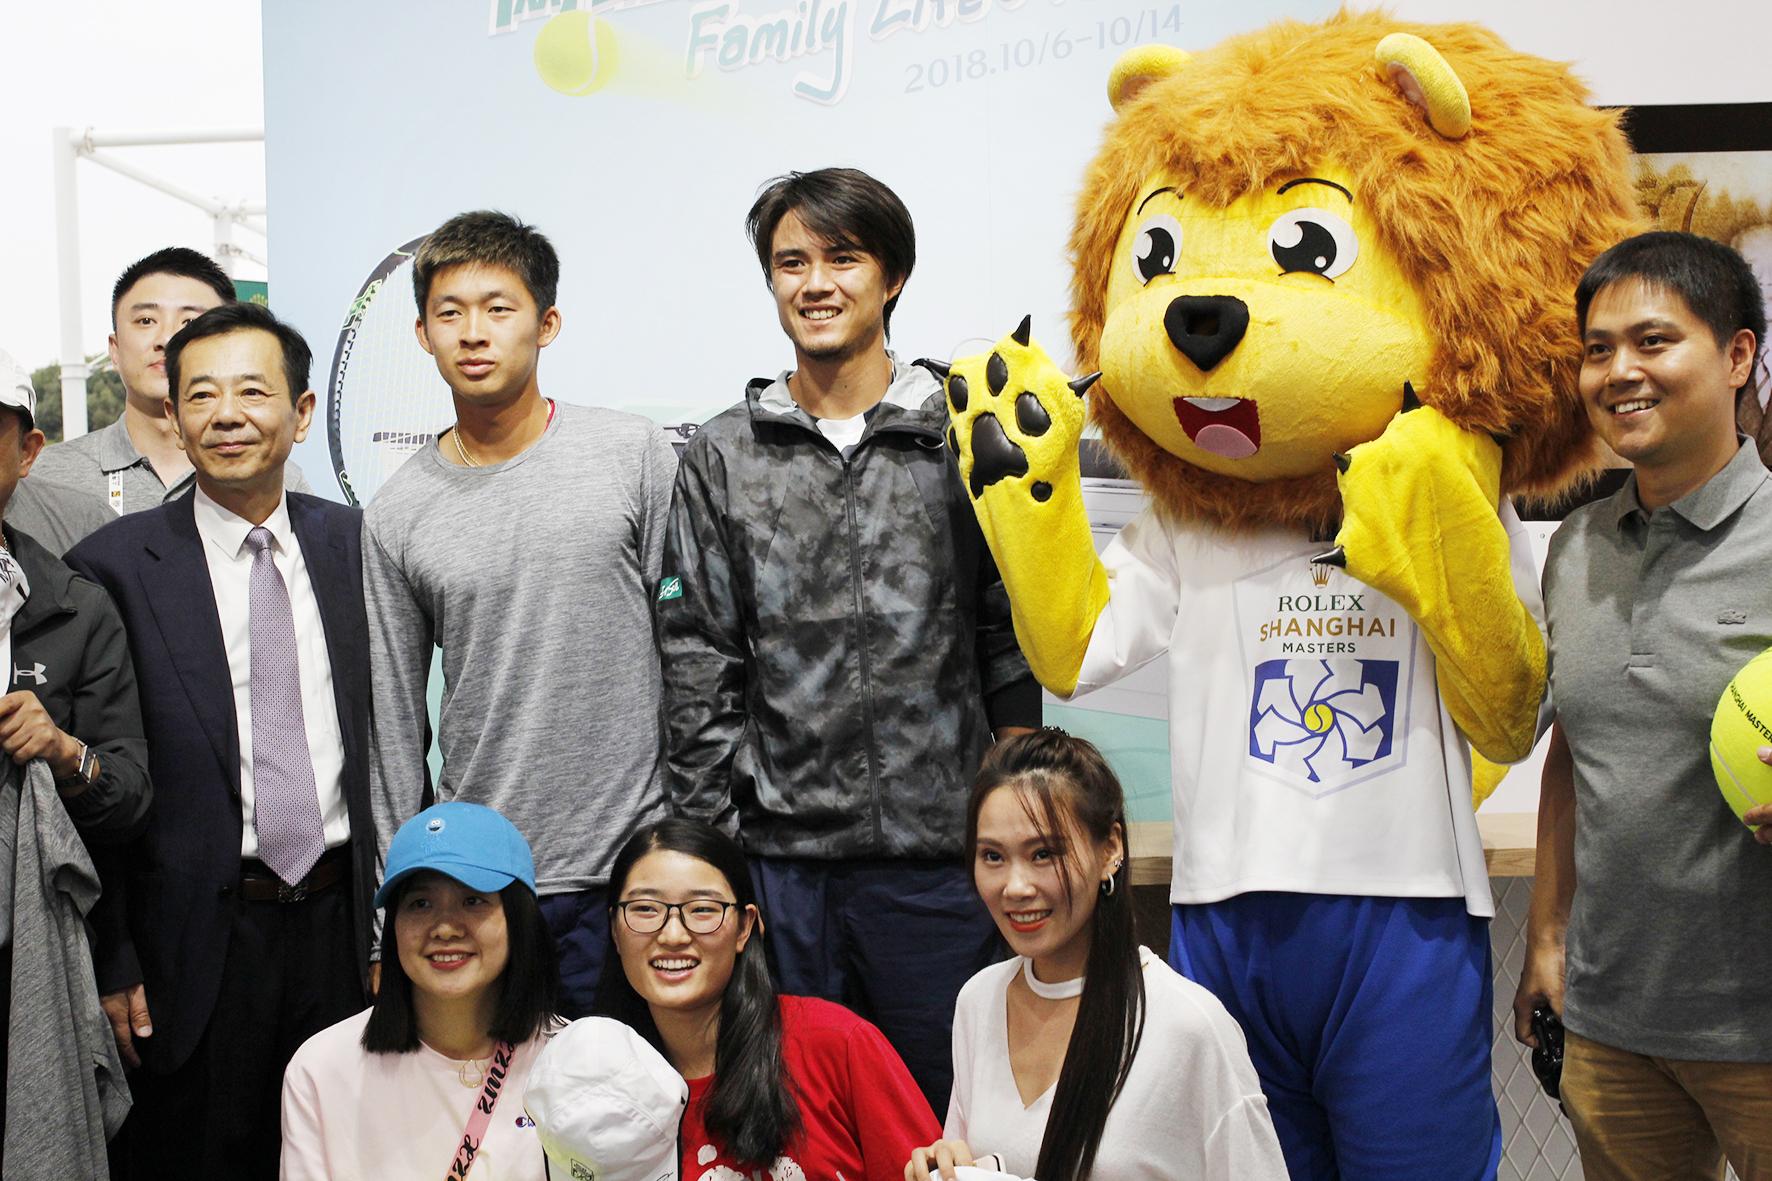 林内携手上海网球大师赛 见证品质生活与时尚体育的力量